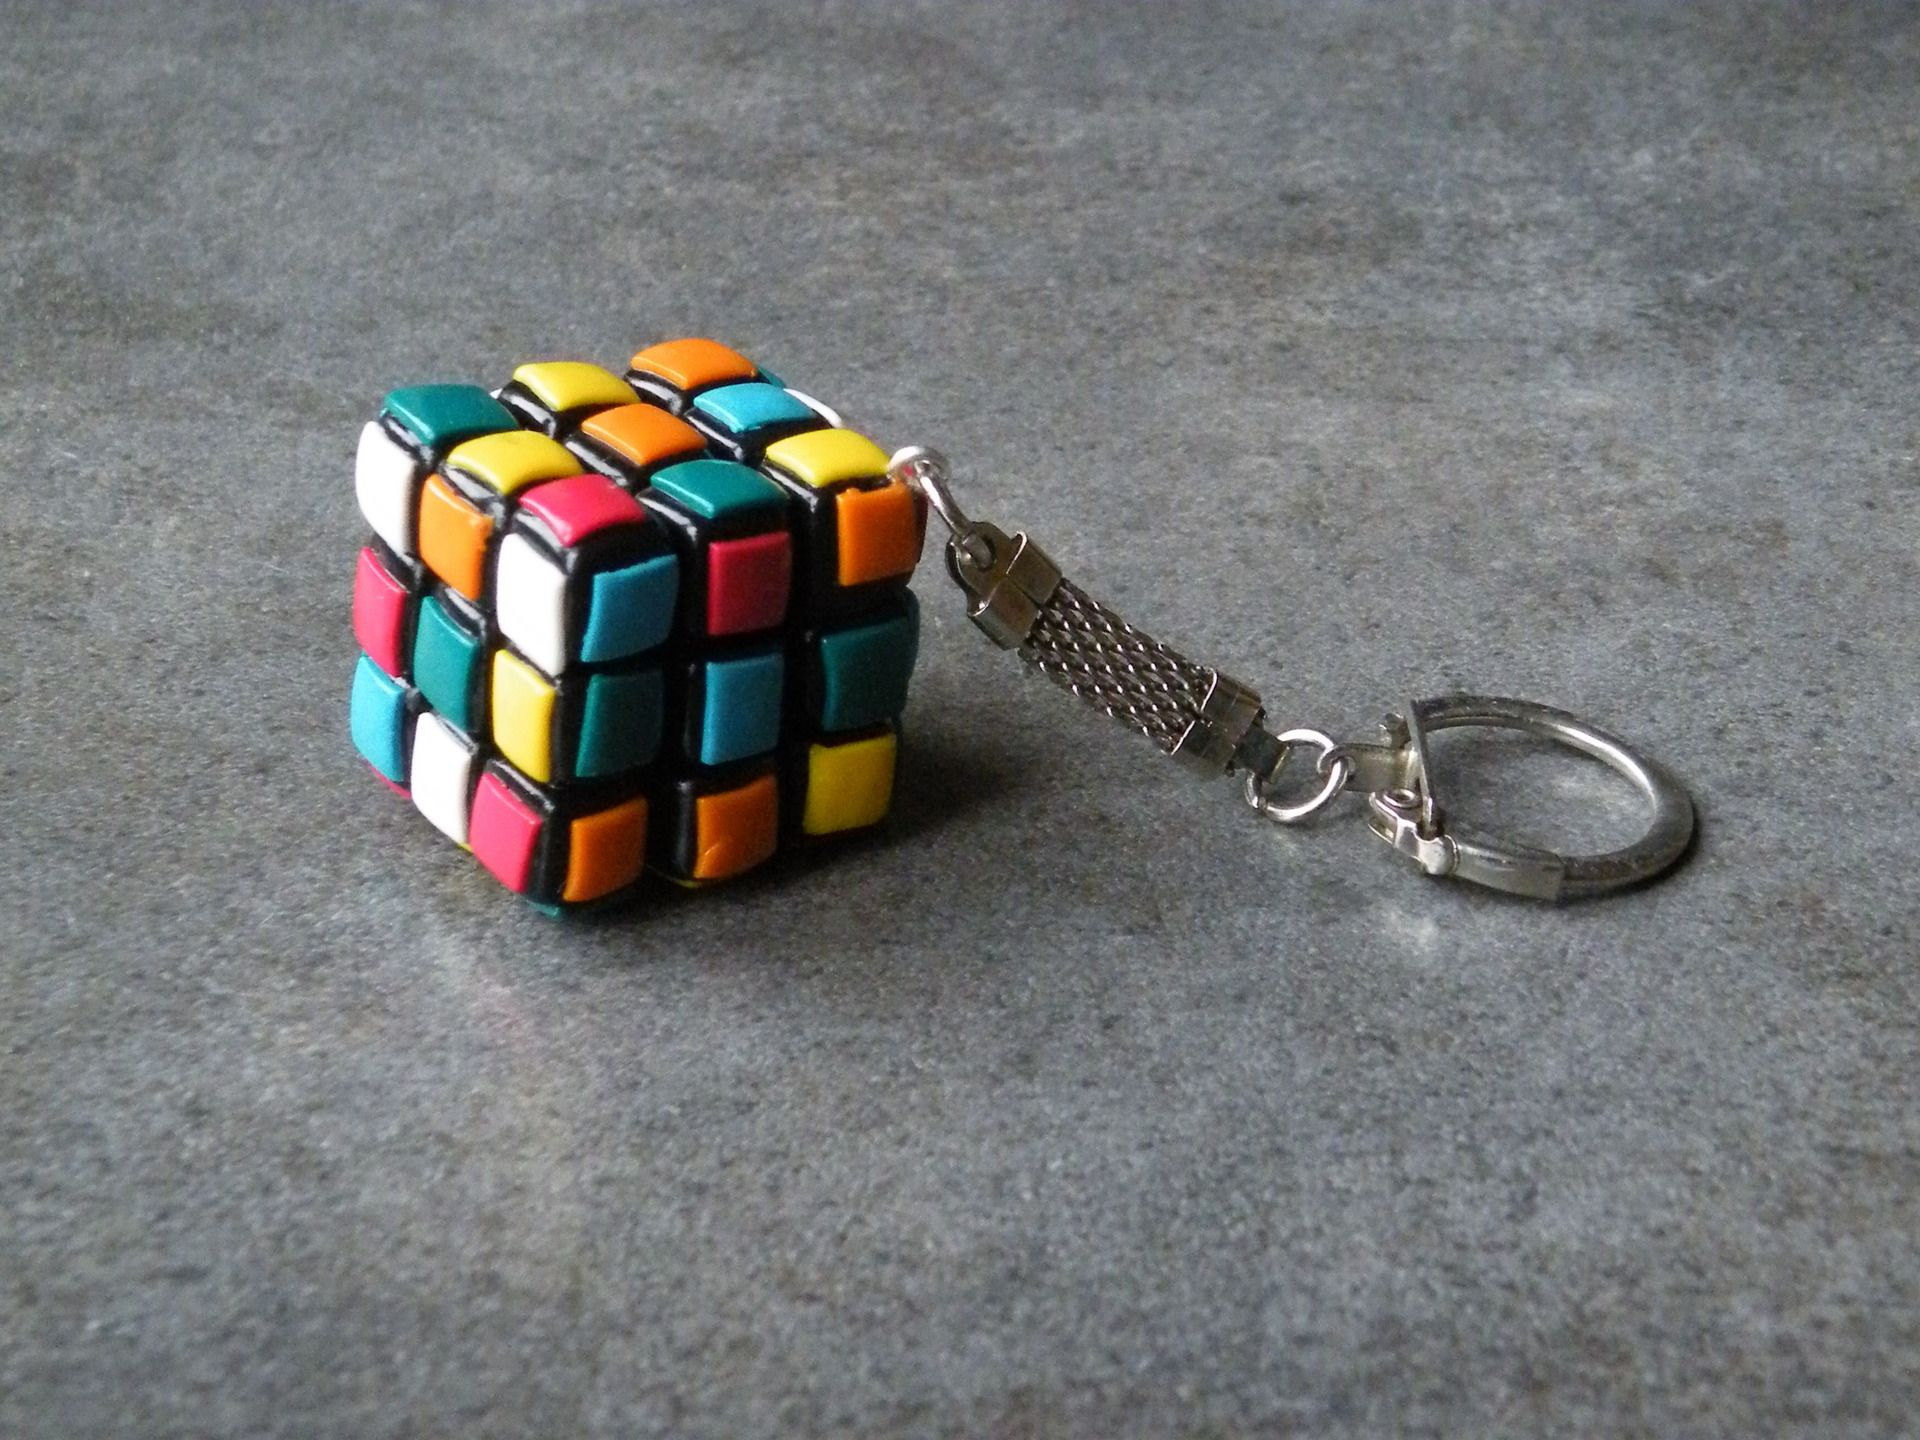 porte cl s rubik 39 s cube en fimo porte cl s par jl bijoux creation pasta flexible masa. Black Bedroom Furniture Sets. Home Design Ideas